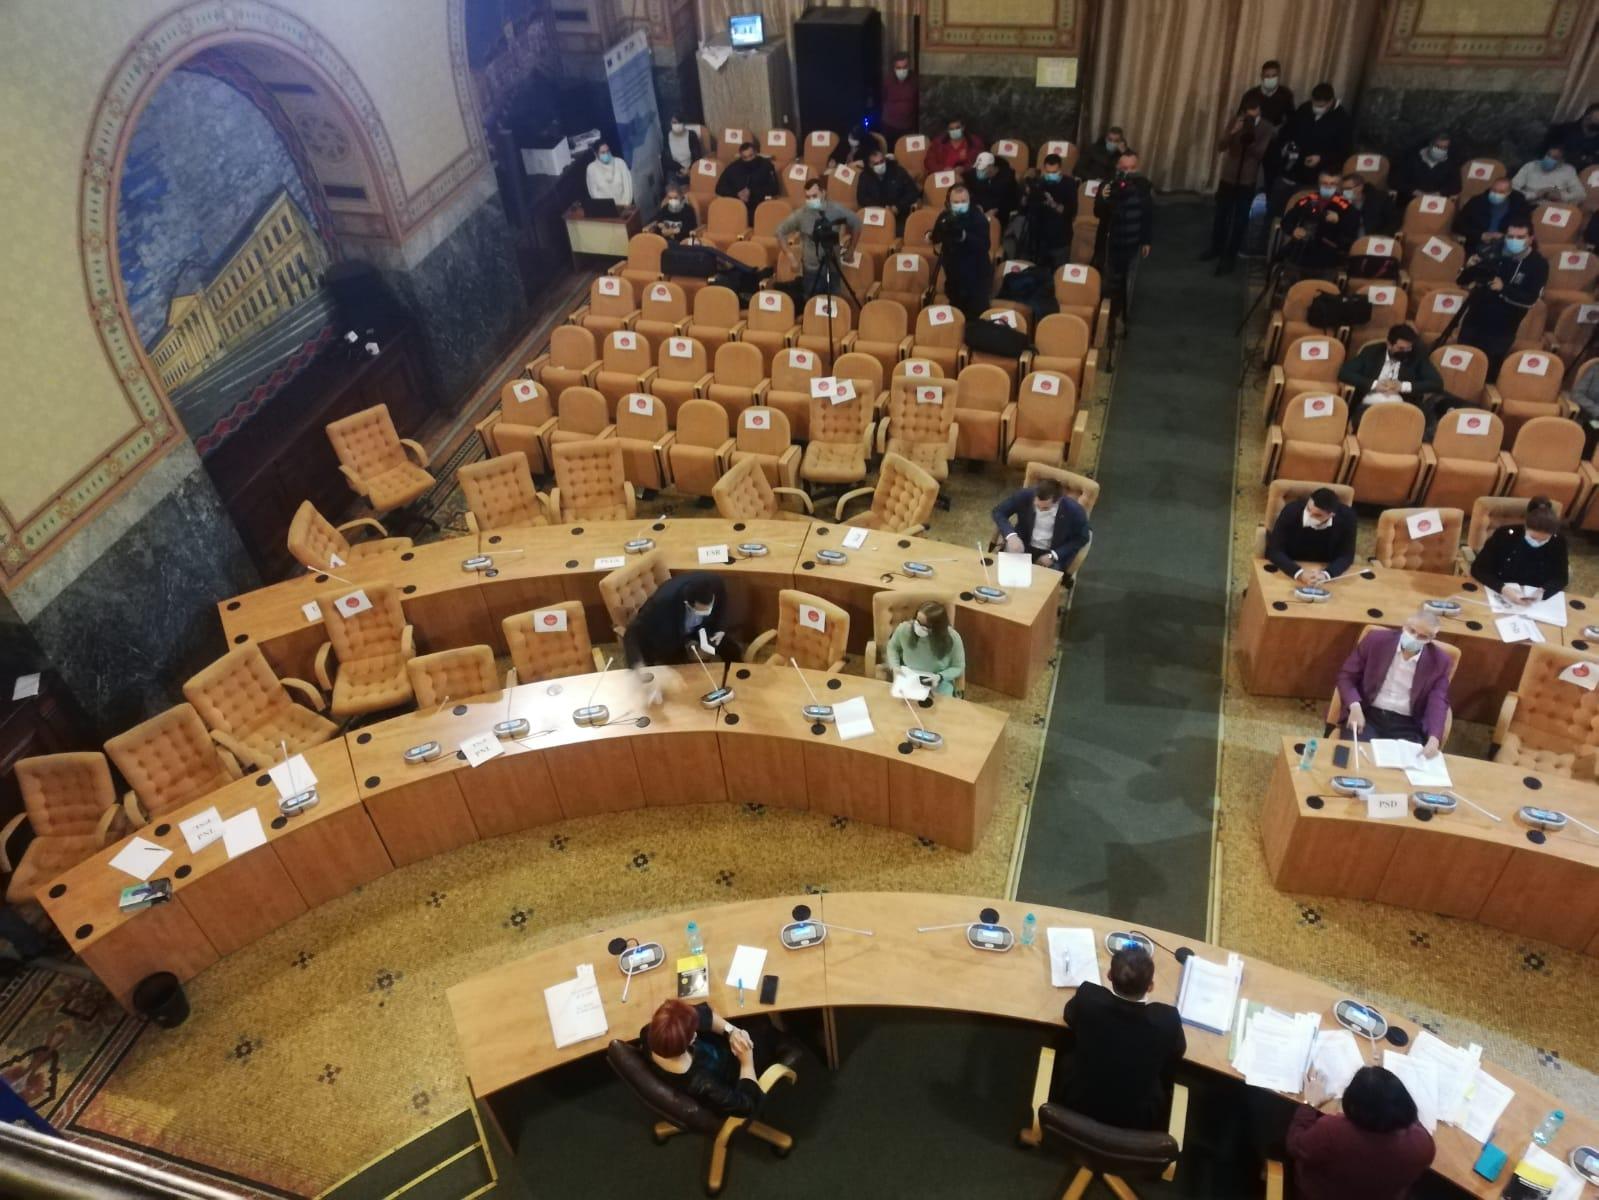 Trădare în PNL la ședința CL Craiova. Un consilier a trecut în tabăra PSD și a schimbat majoritatea în favoarea stângii